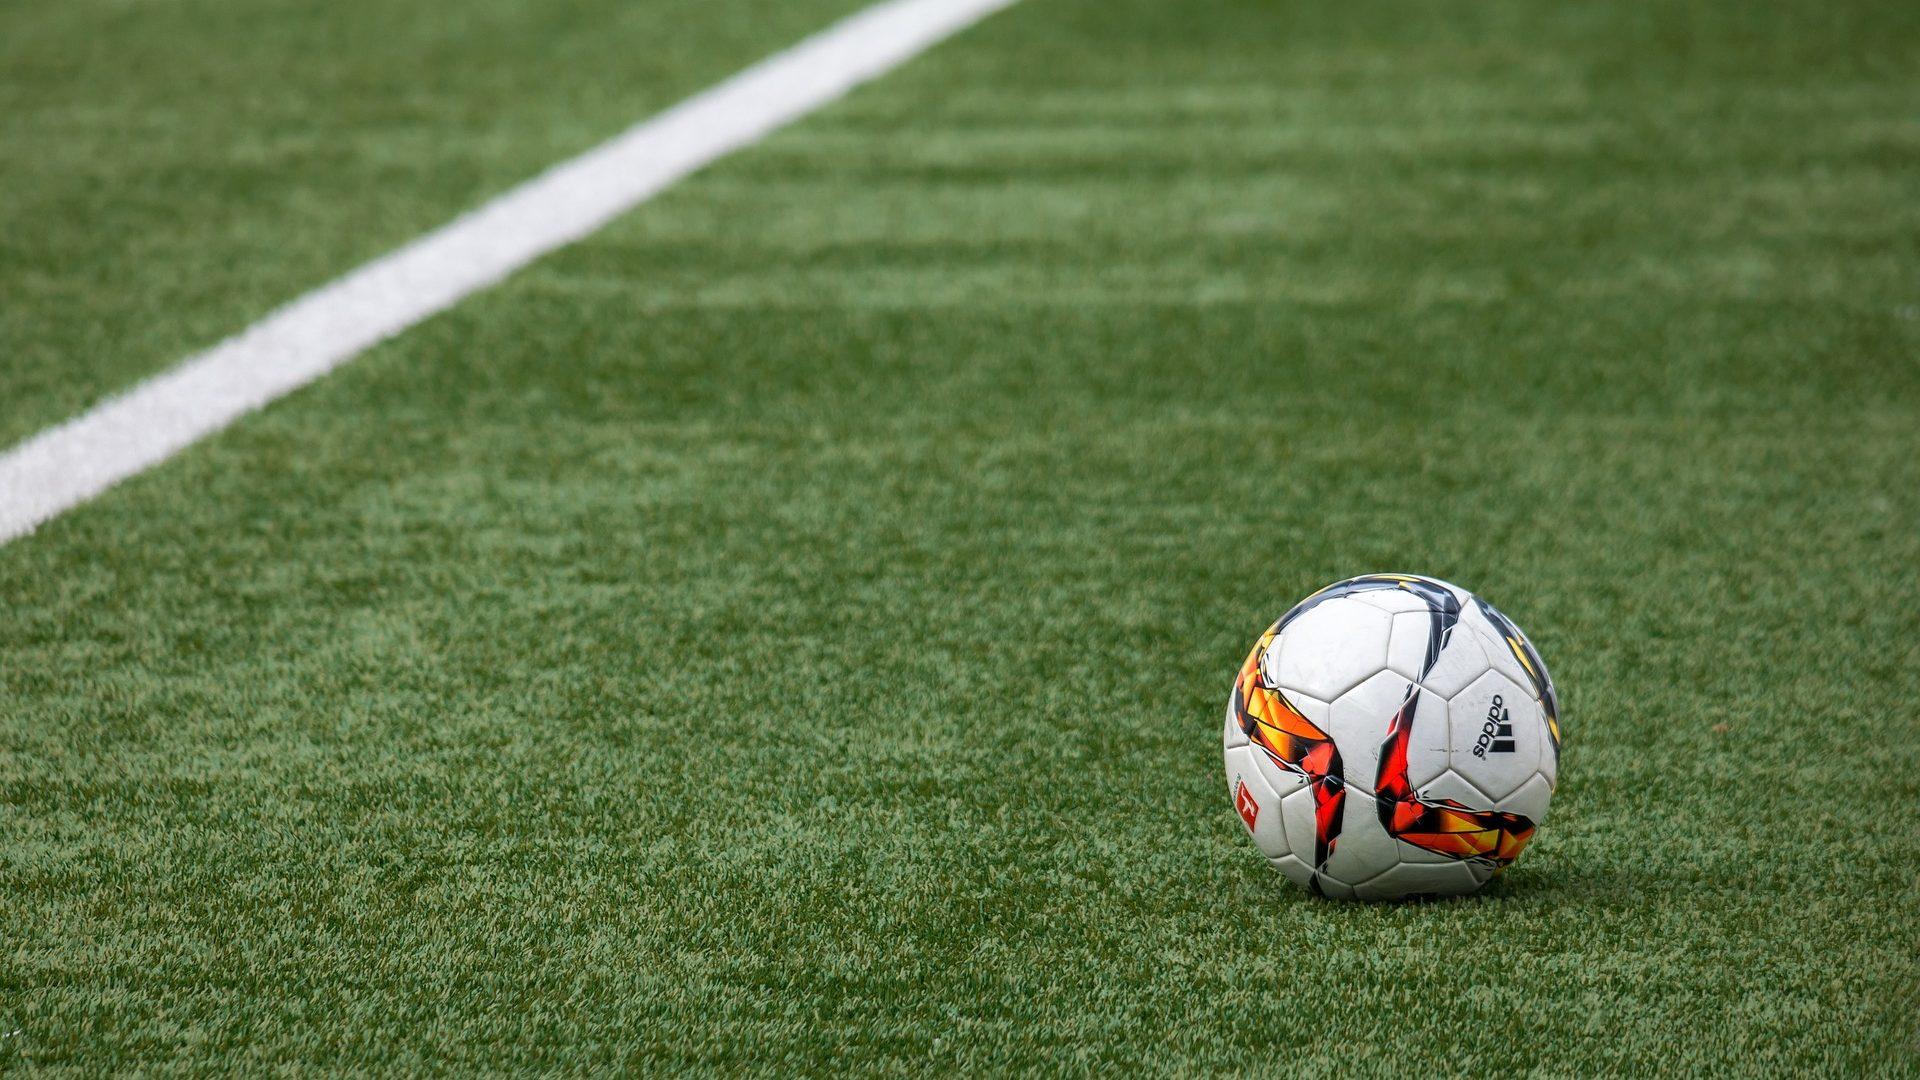 Futebol marca golos na economia. Contribui com 456 milhões de euros para o PIB